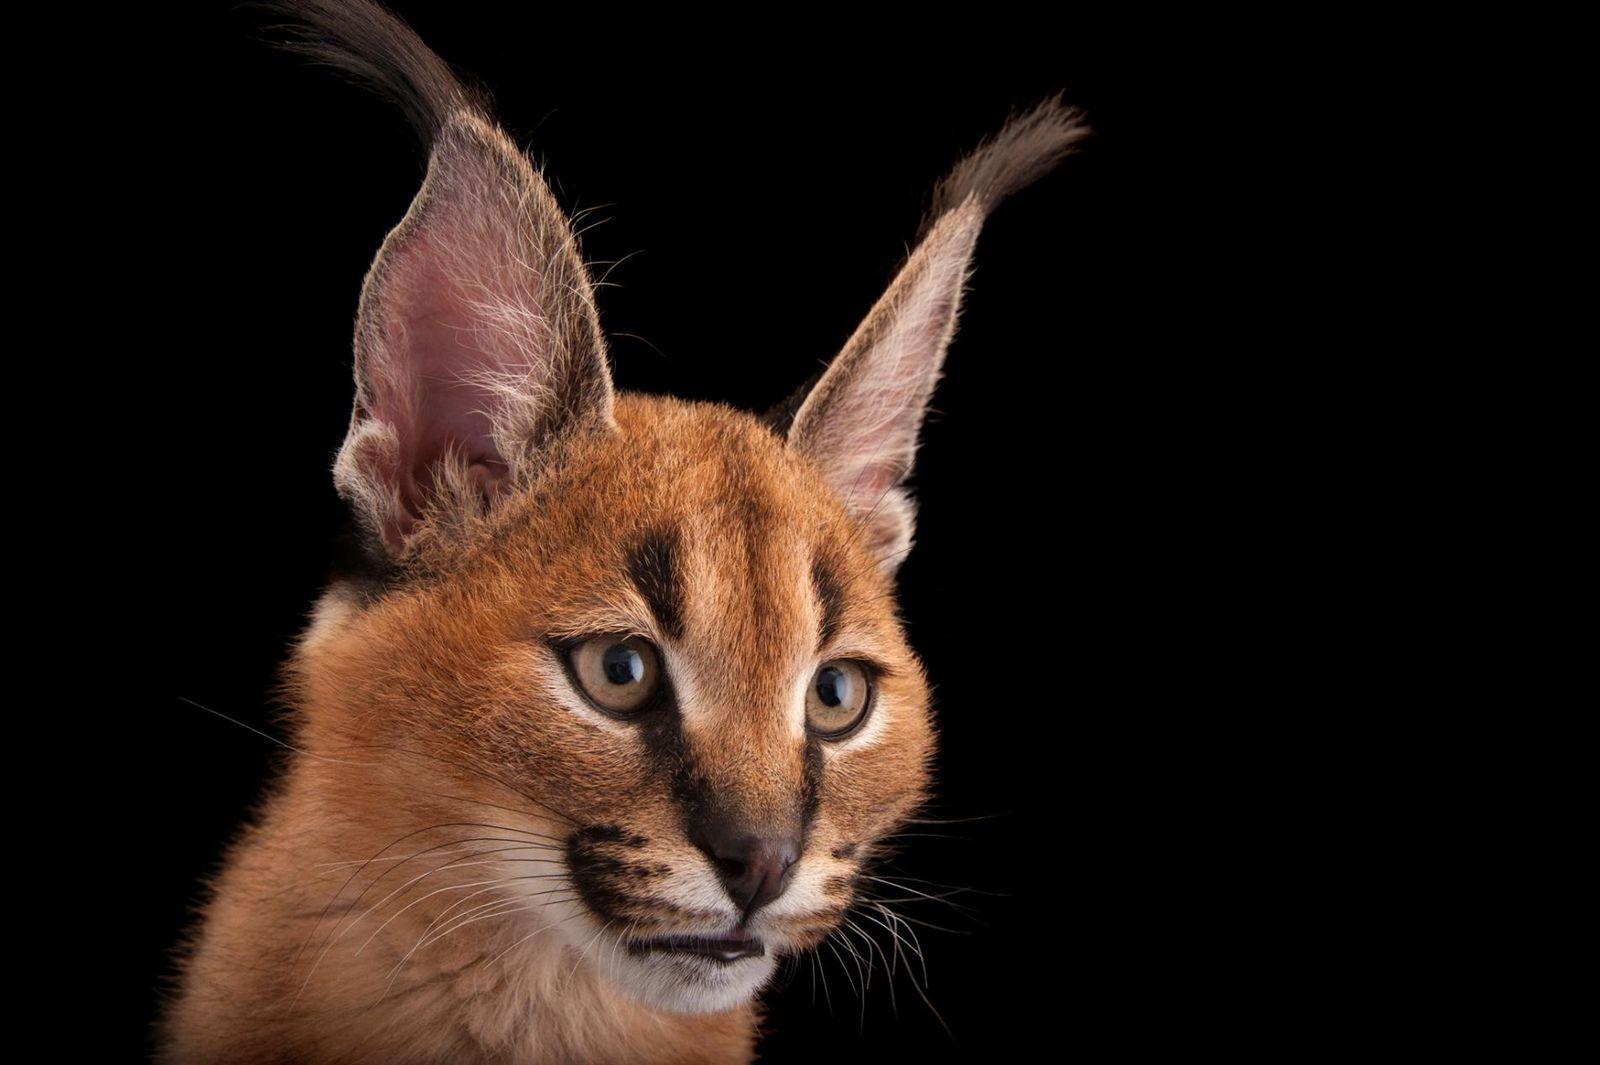 Le caracal (ou lynx du désert) d'Asie et d'Afrique mesure environ 50 cm de haut, mais ...